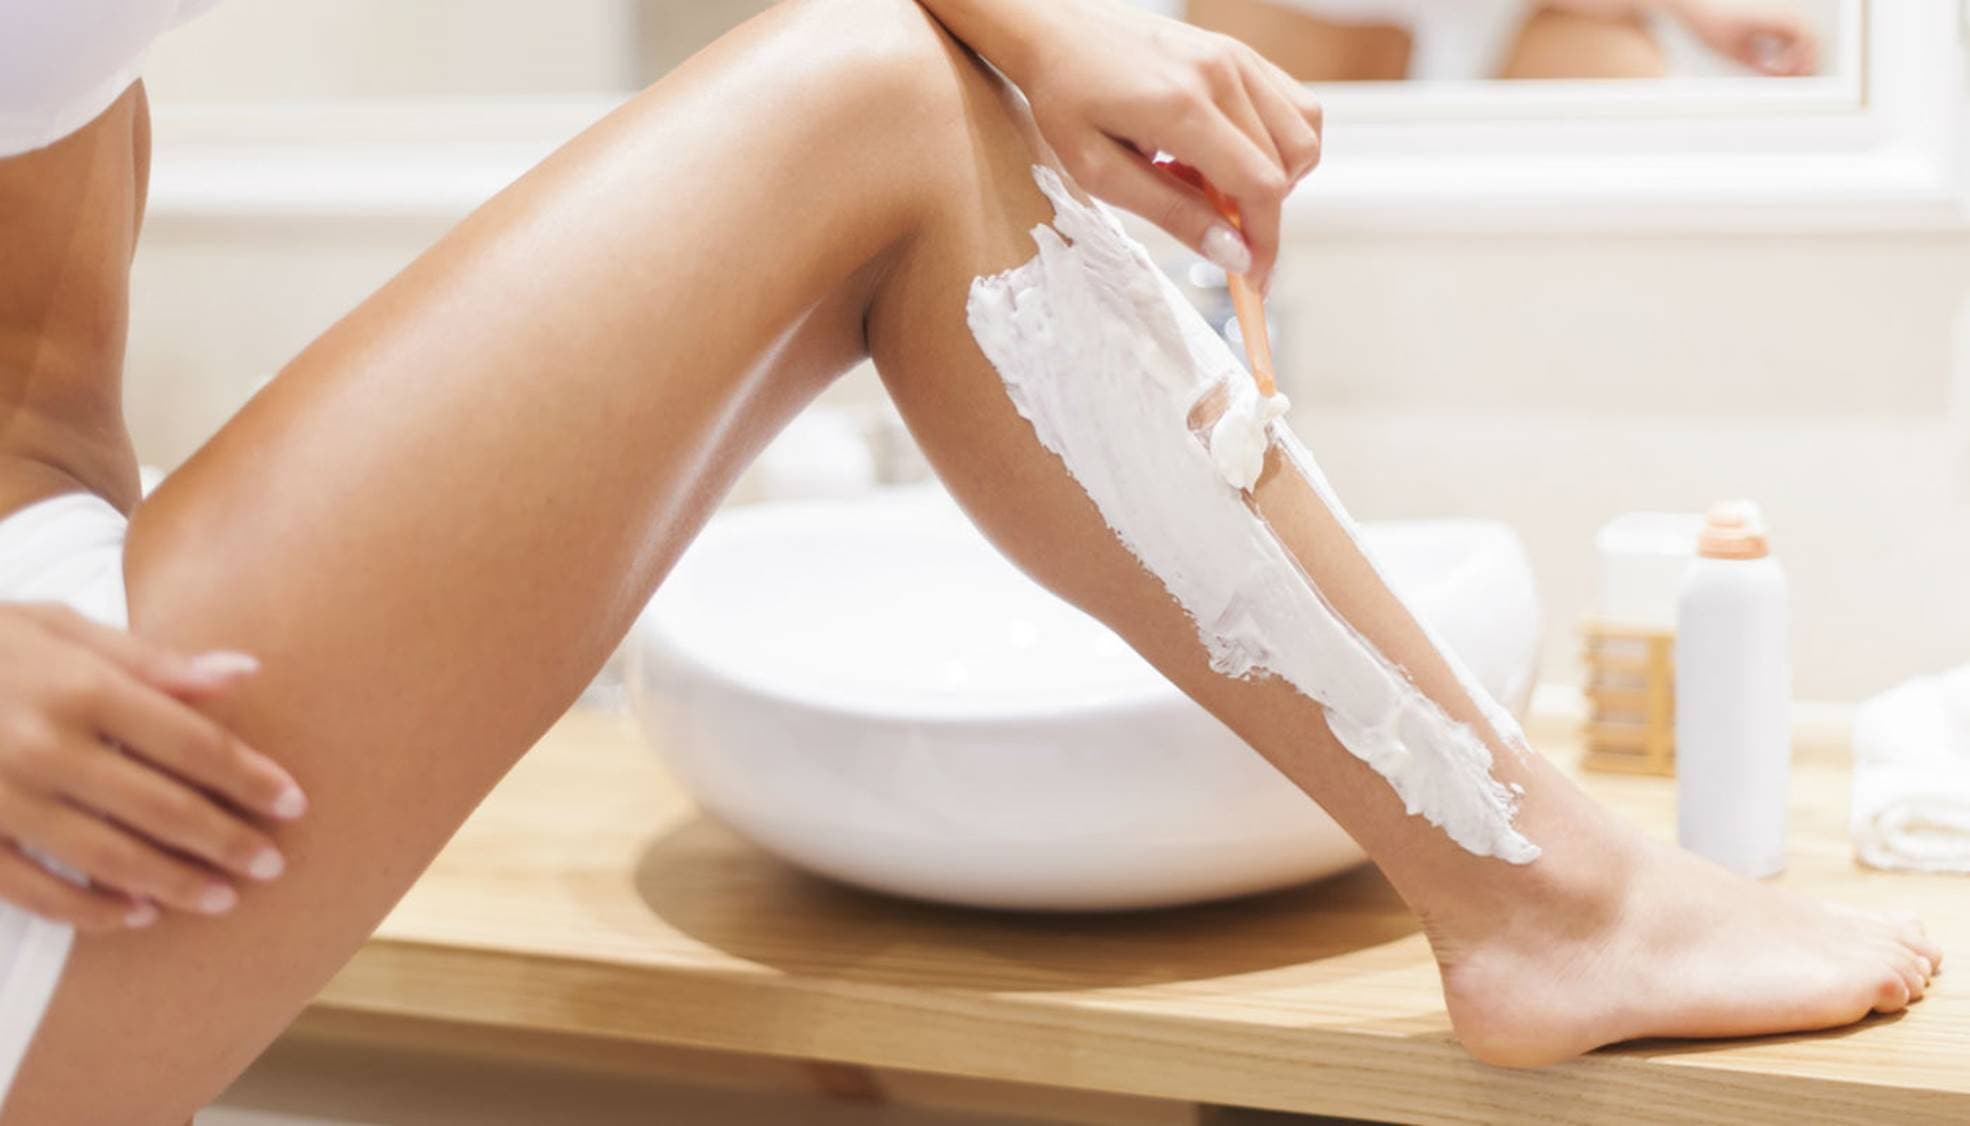 Como ter uma pele de pêssego após a depilação? Siga as dicas